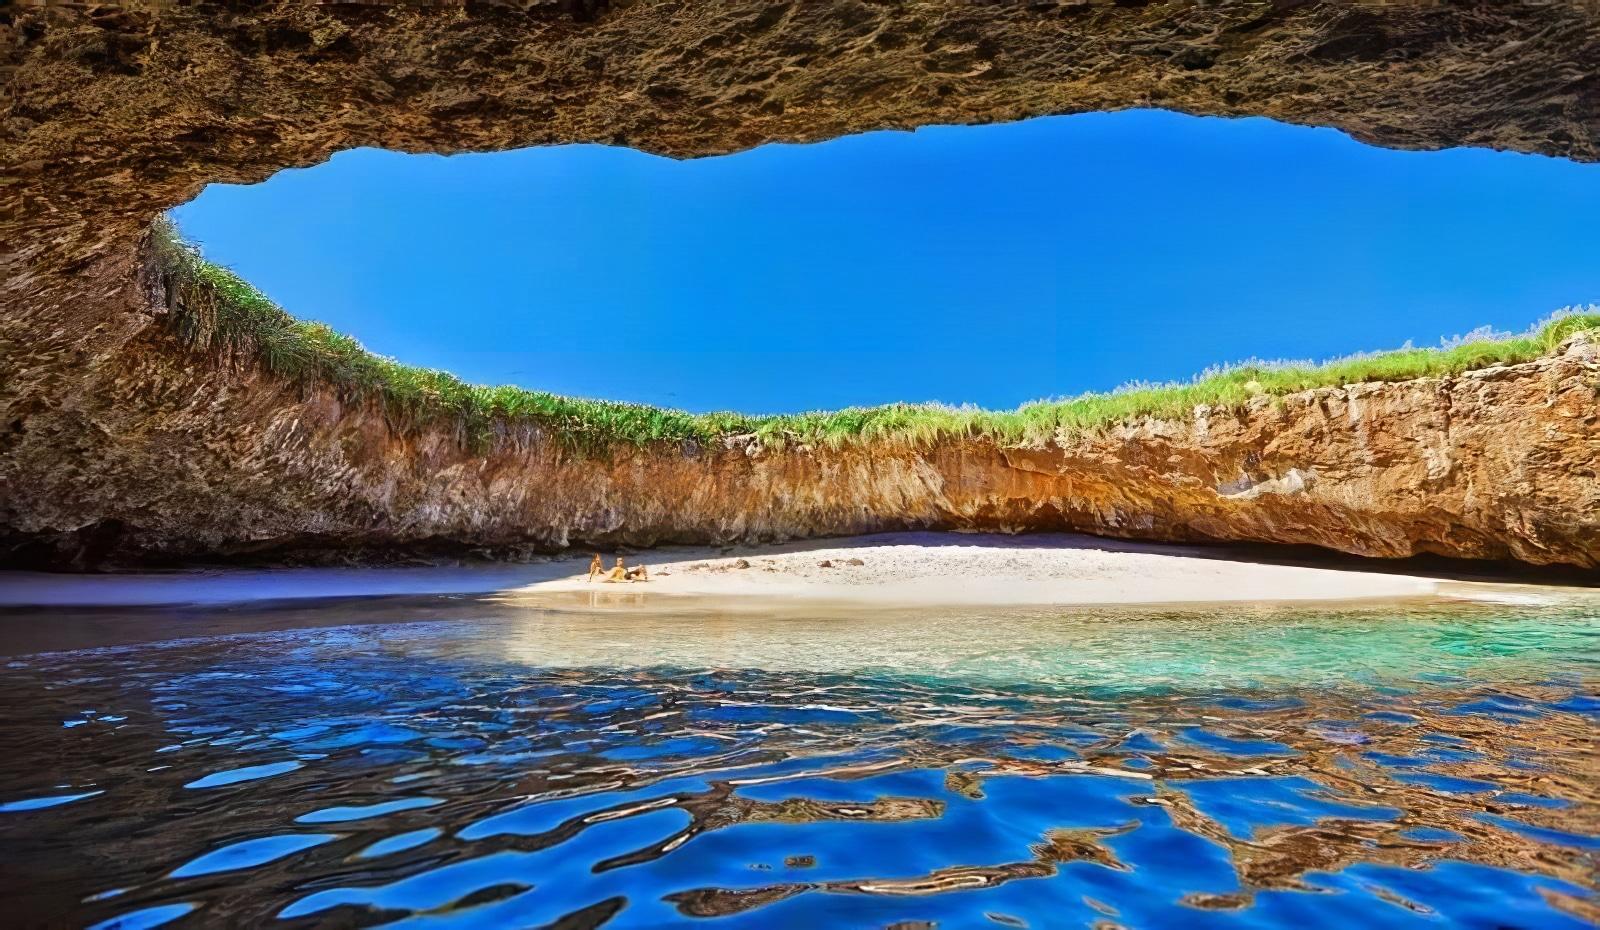 La plage cachée des Îles Marieta au Mexique